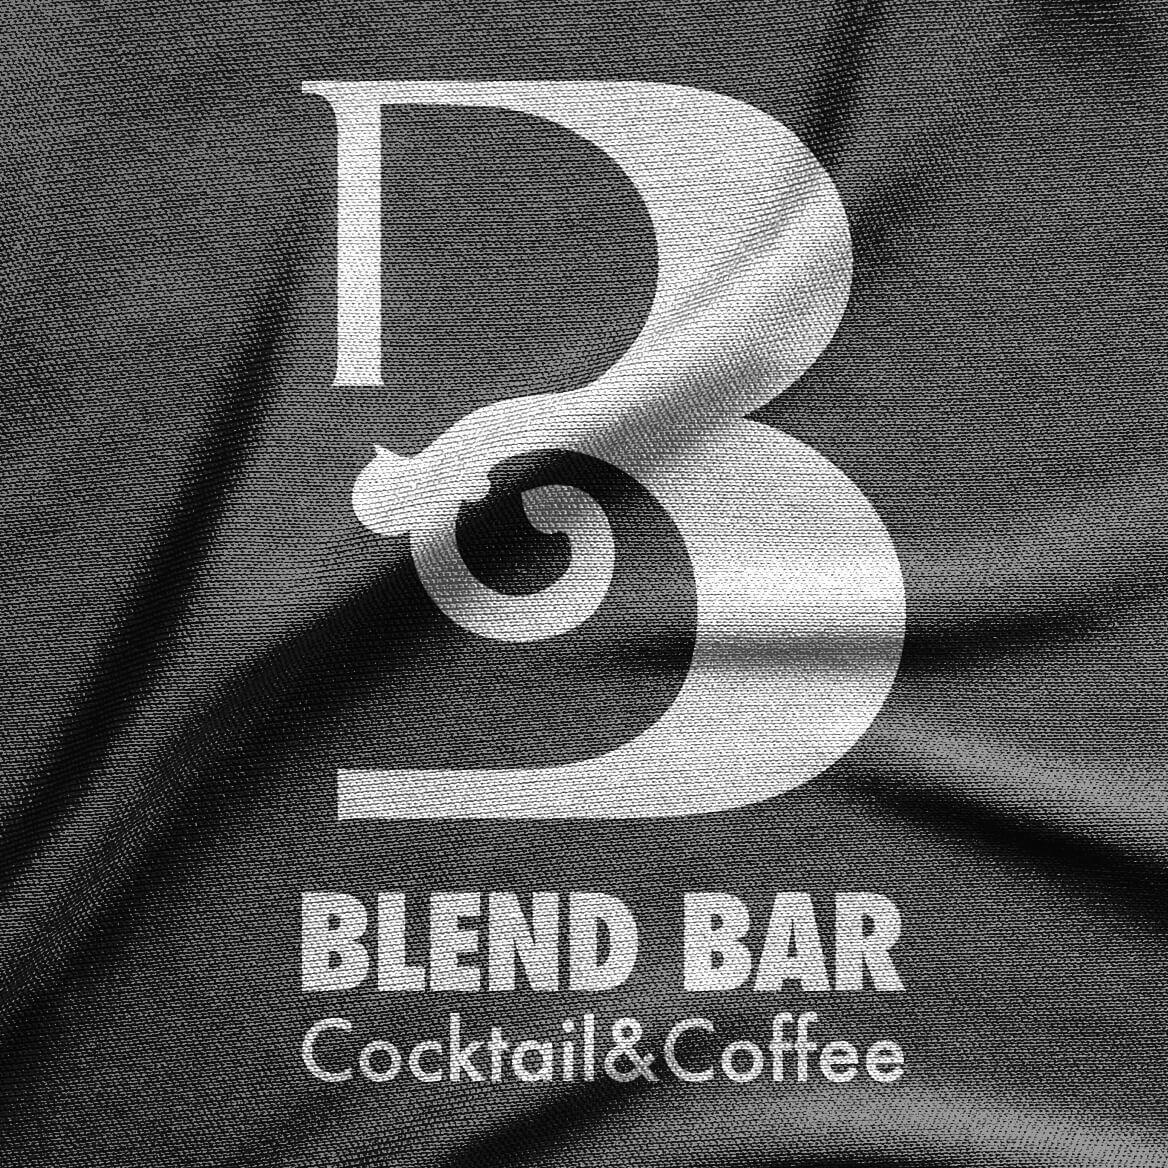 Blend bar logotip